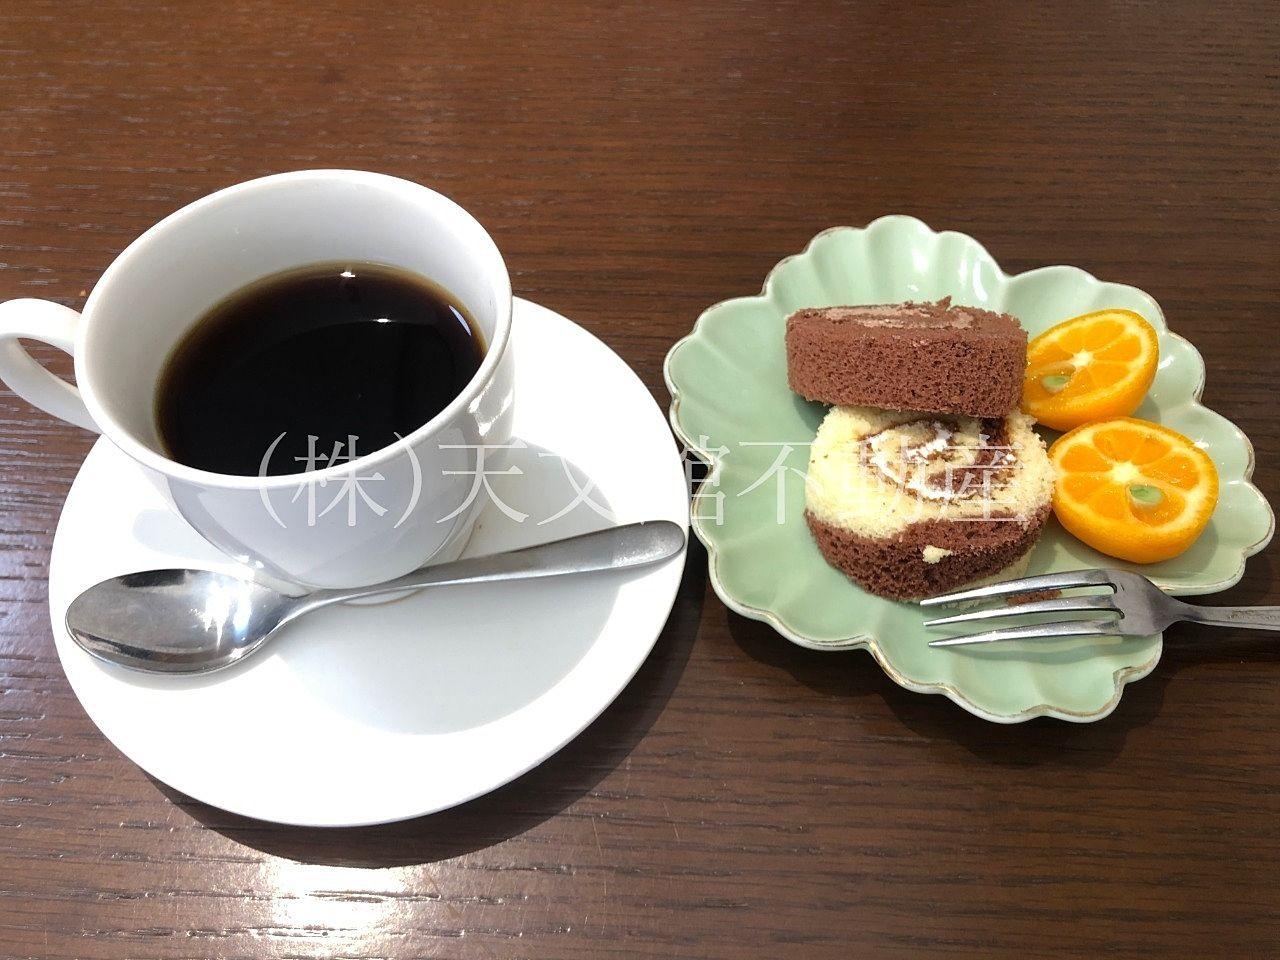 最後にケーキとコーヒーも頂きました。甘くておいしいデザートでした。